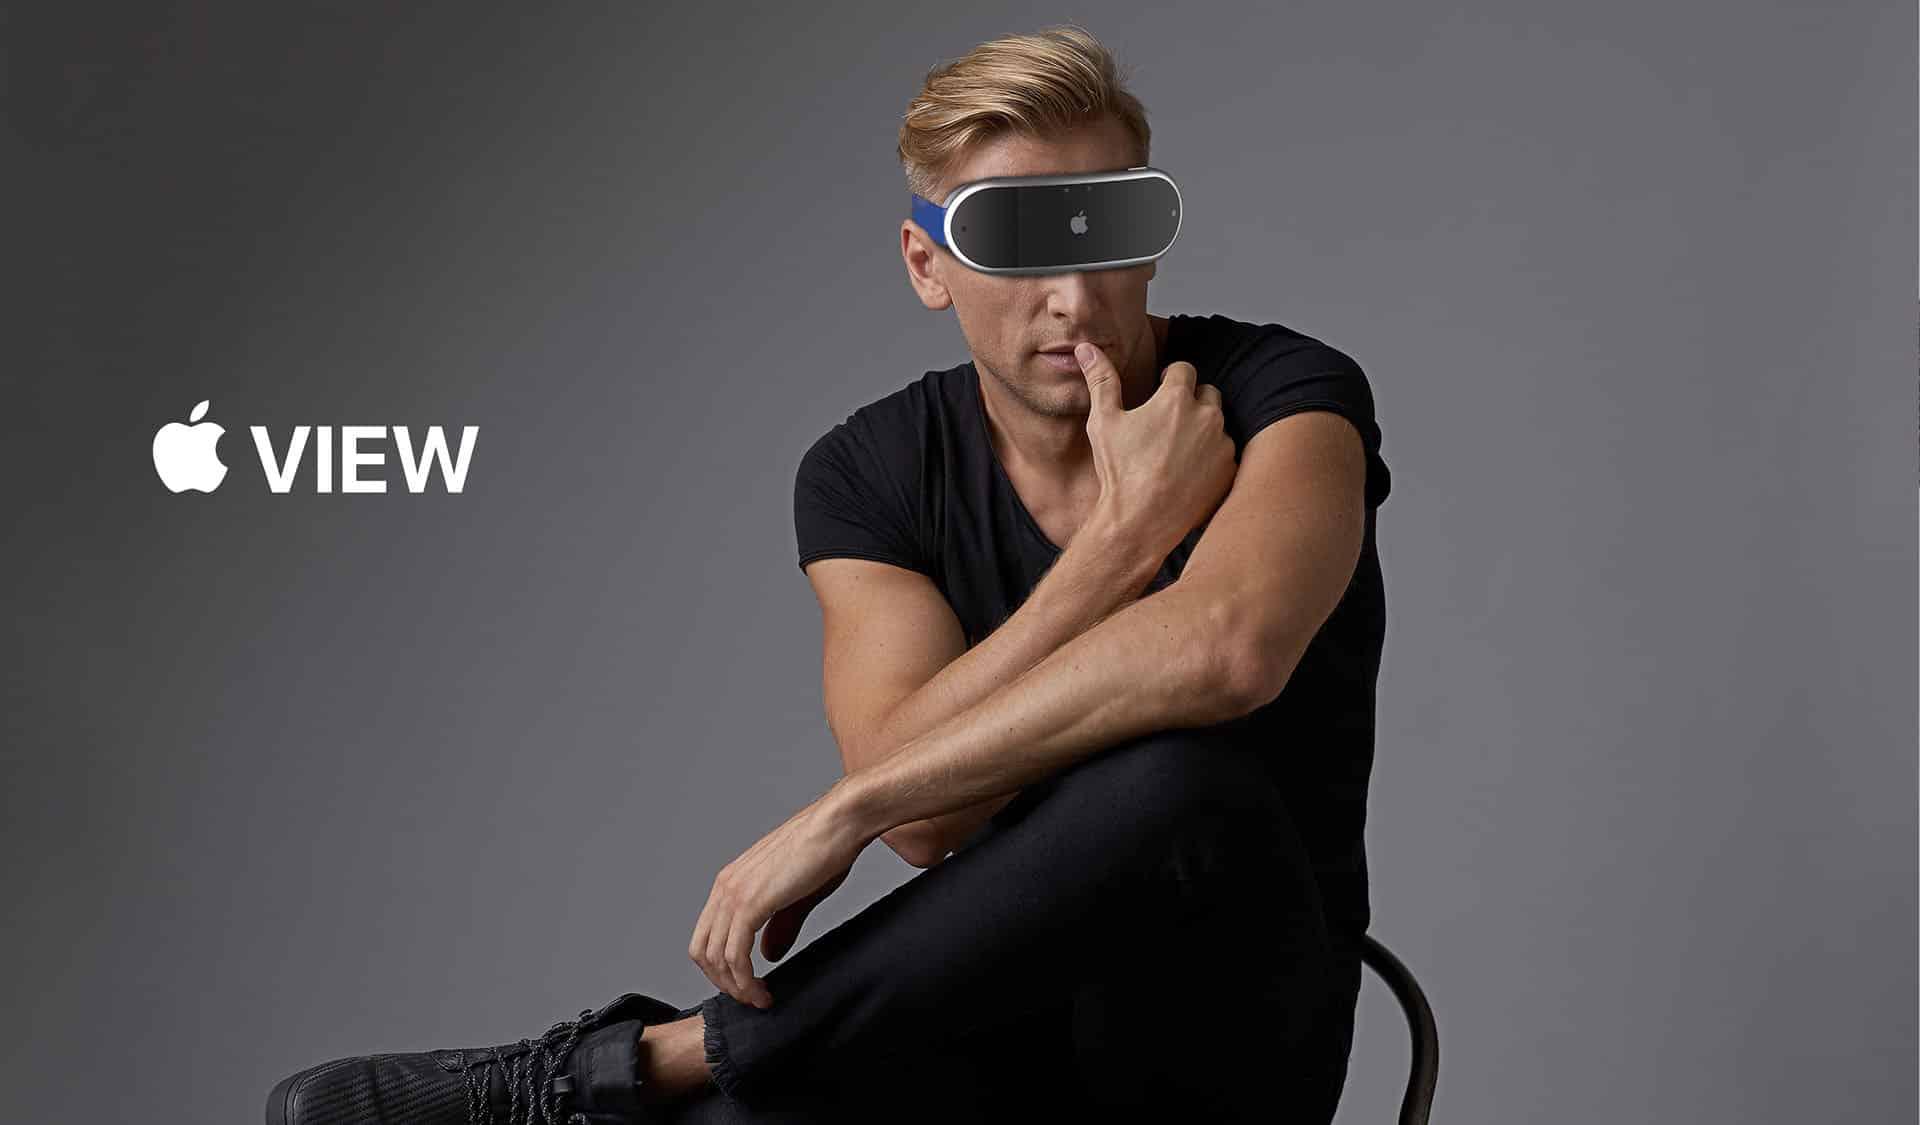 Takto má vyzerať prvý Apple VR/AR Headset od Apple